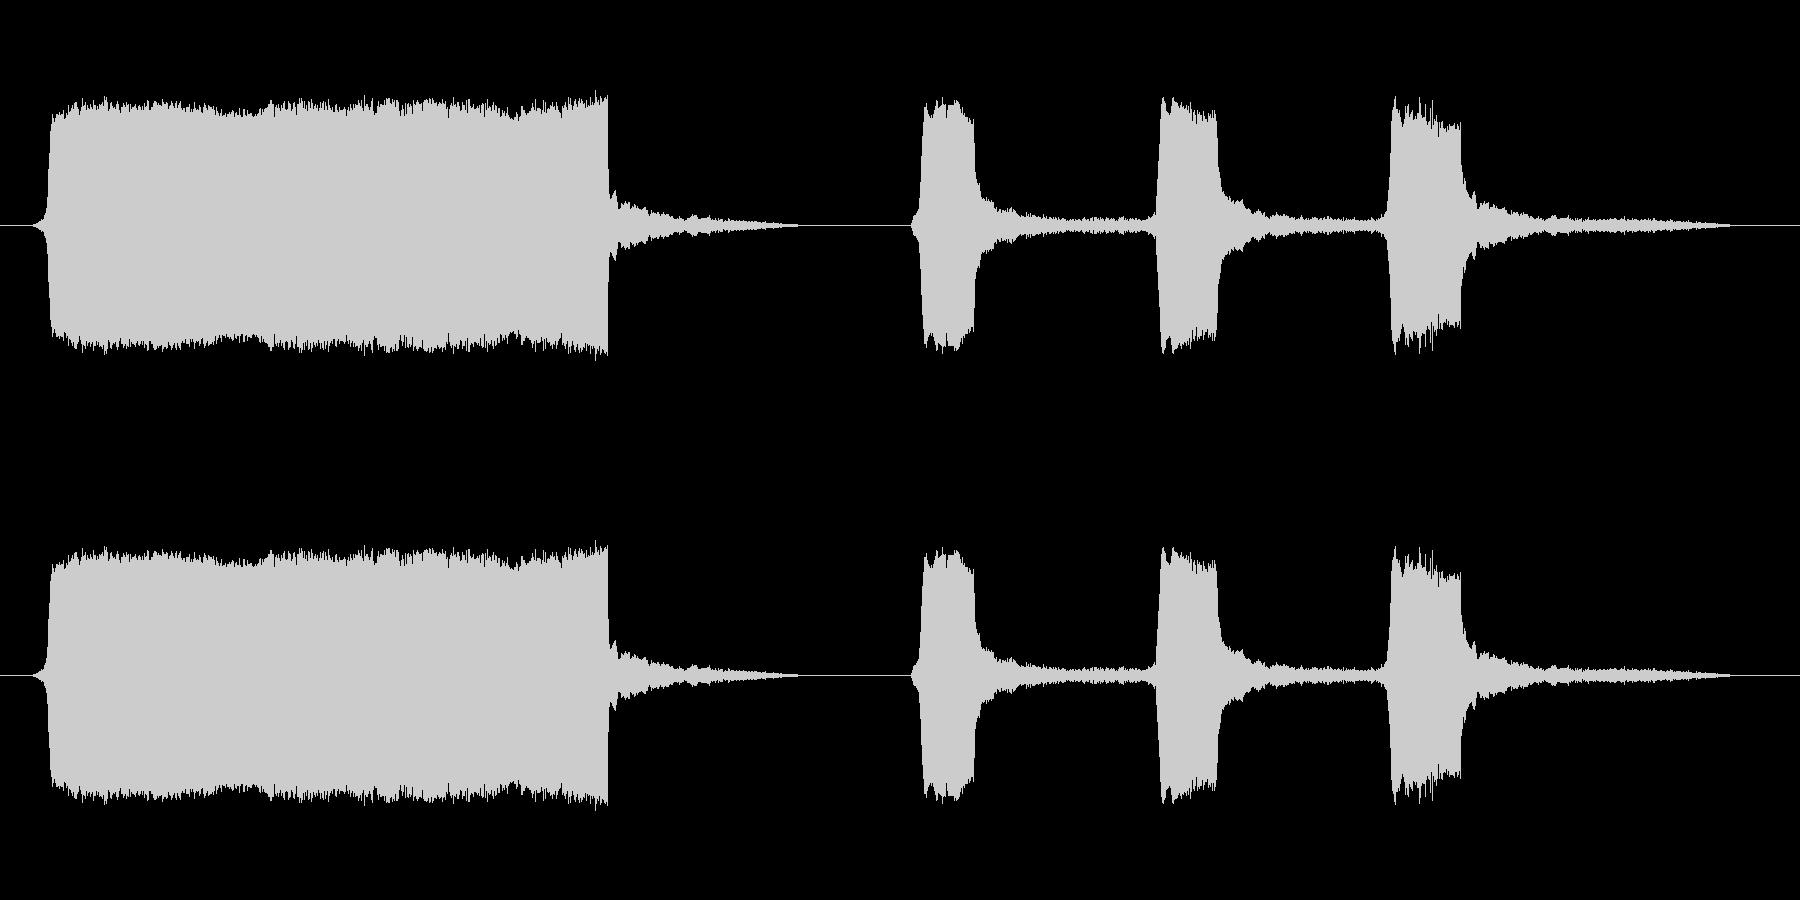 船のサイレン2の未再生の波形